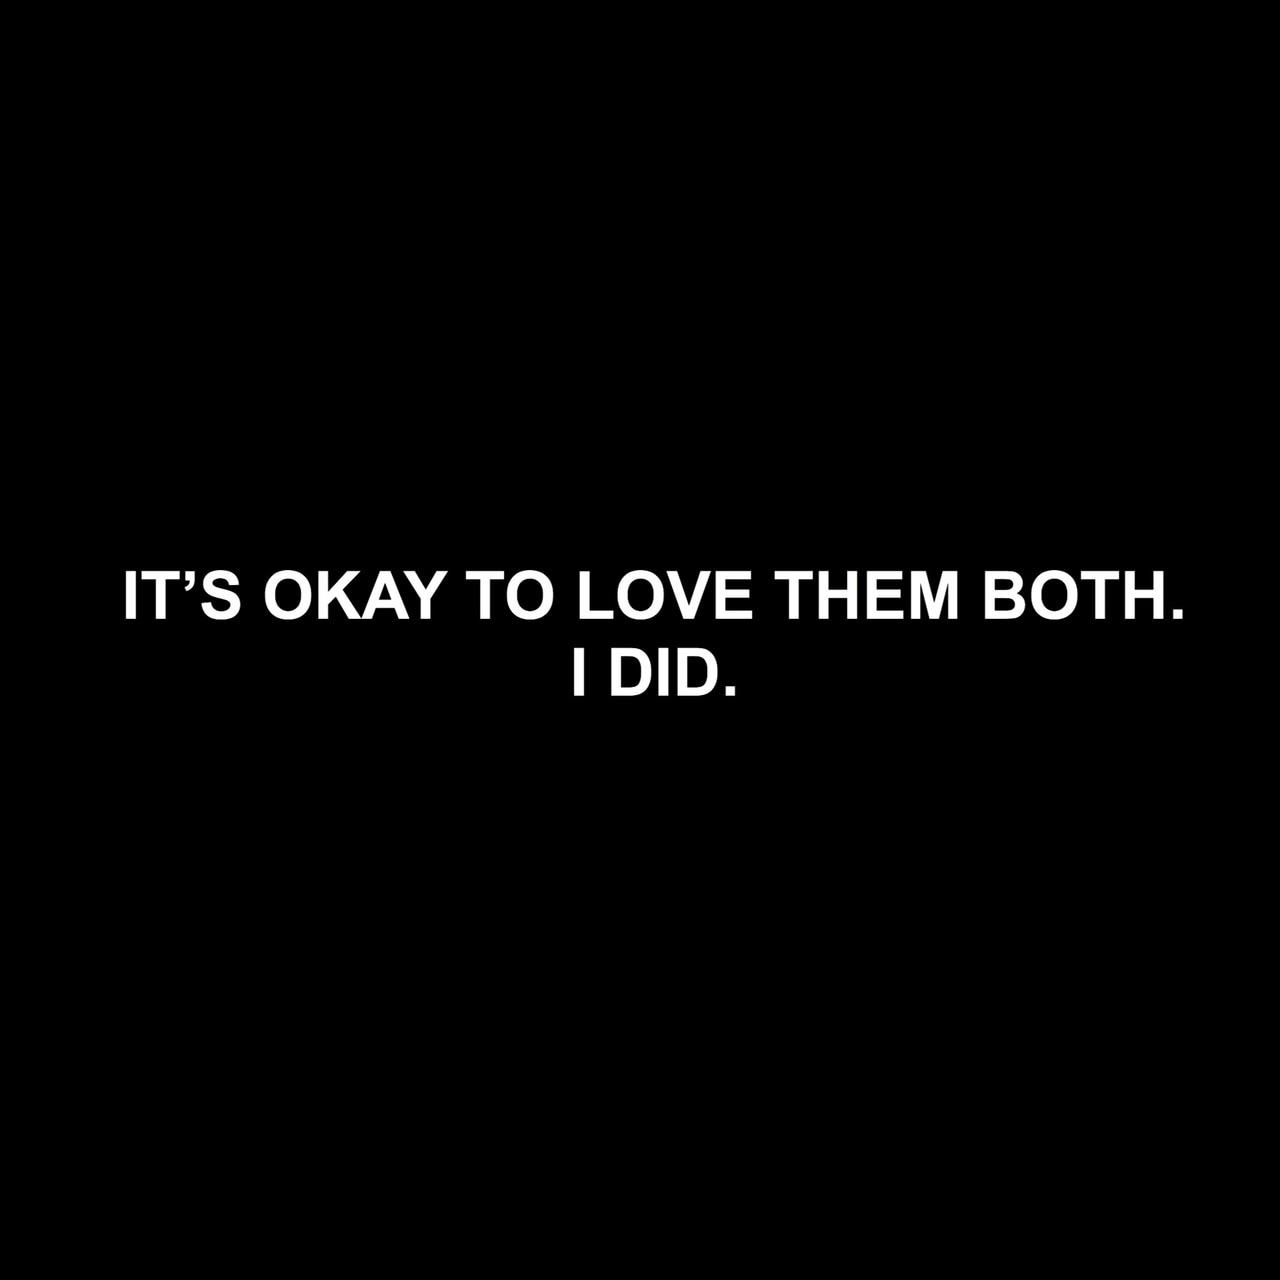 Loving two people uploaded by zee_( ; on We Heart It